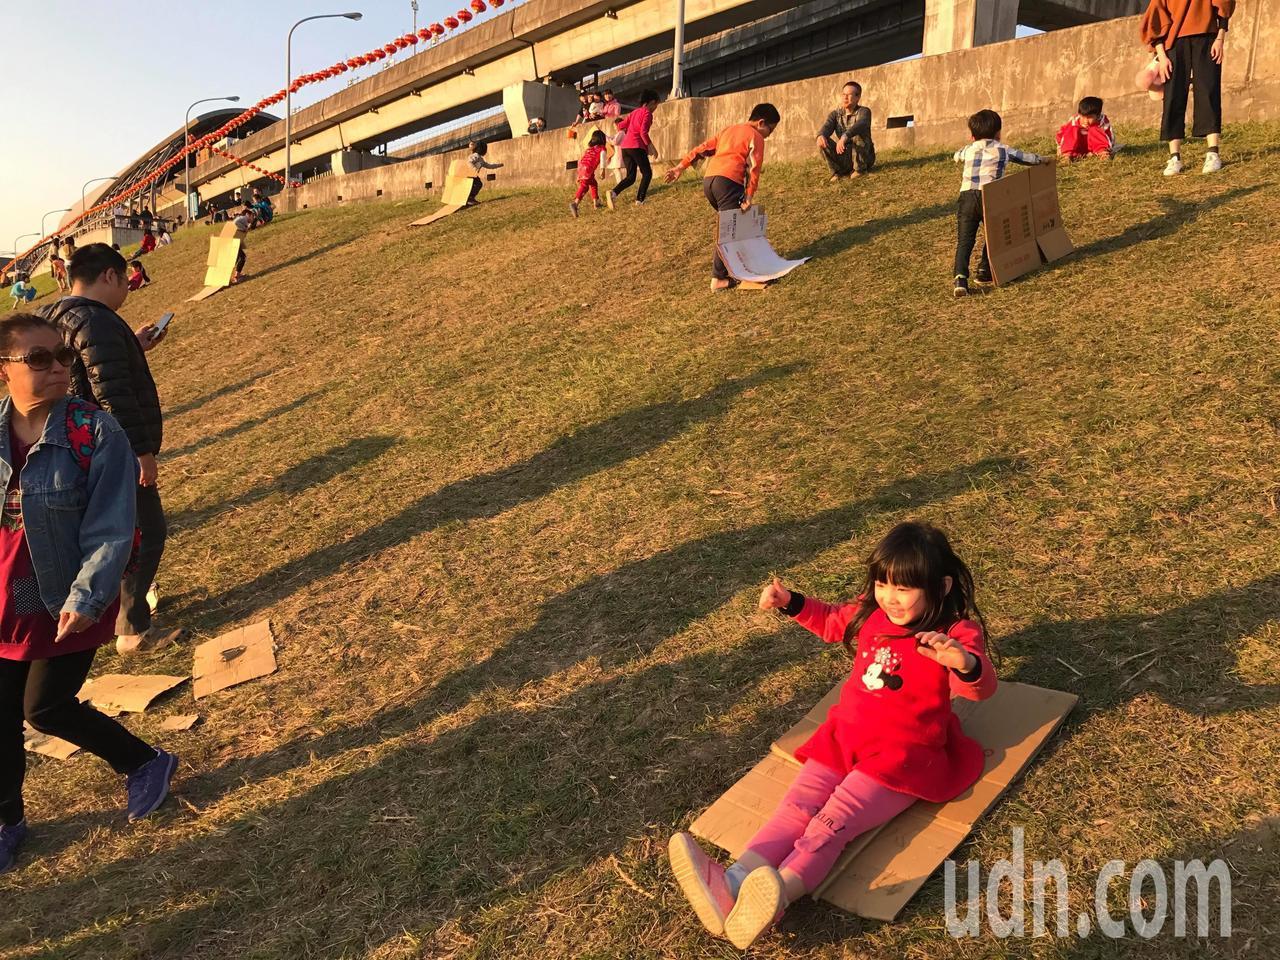 大台北都會公園的河堤土坡竟成滑草道,小朋友將紙箱拆開變成滑草板,造成草皮光禿禿。...